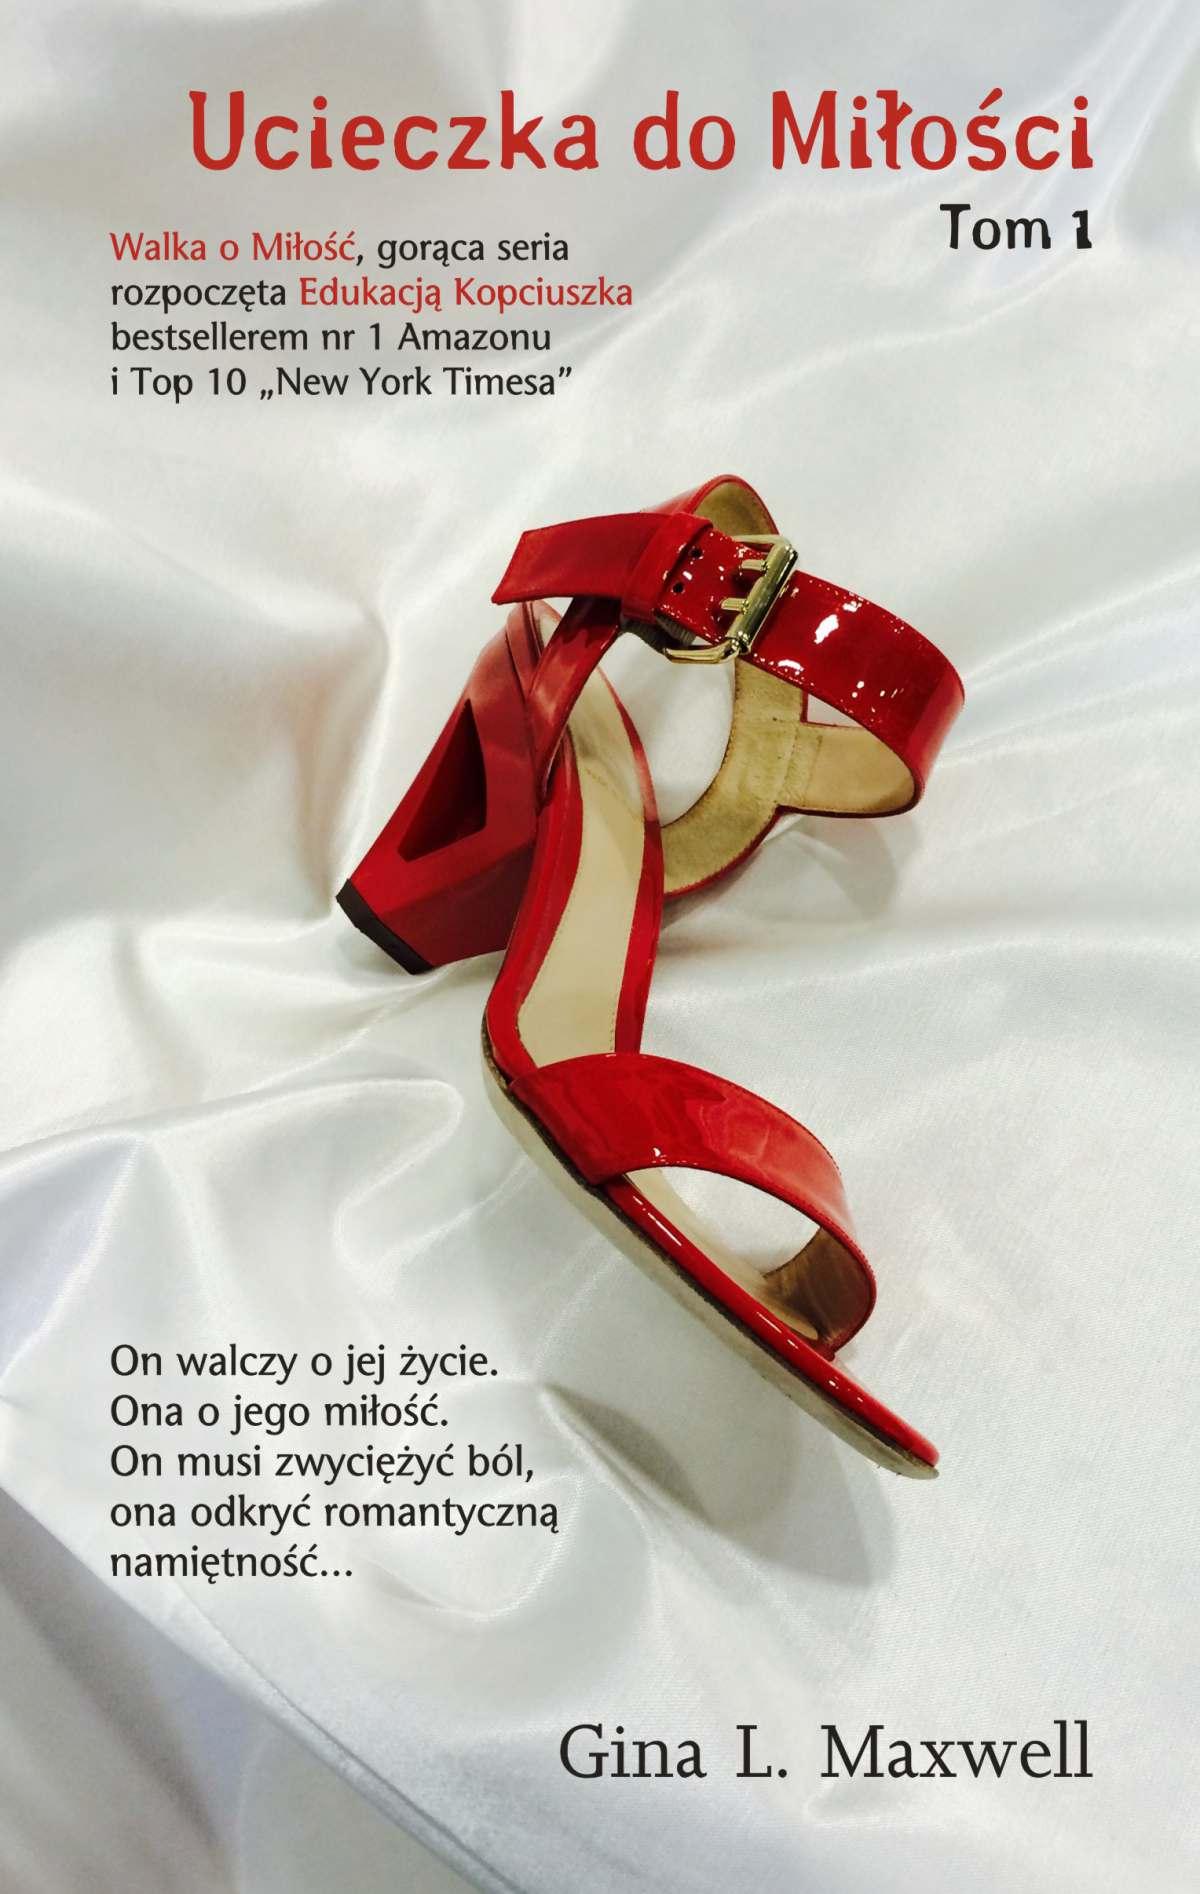 Ucieczka do miłości. Tom 1 - Ebook (Książka na Kindle) do pobrania w formacie MOBI